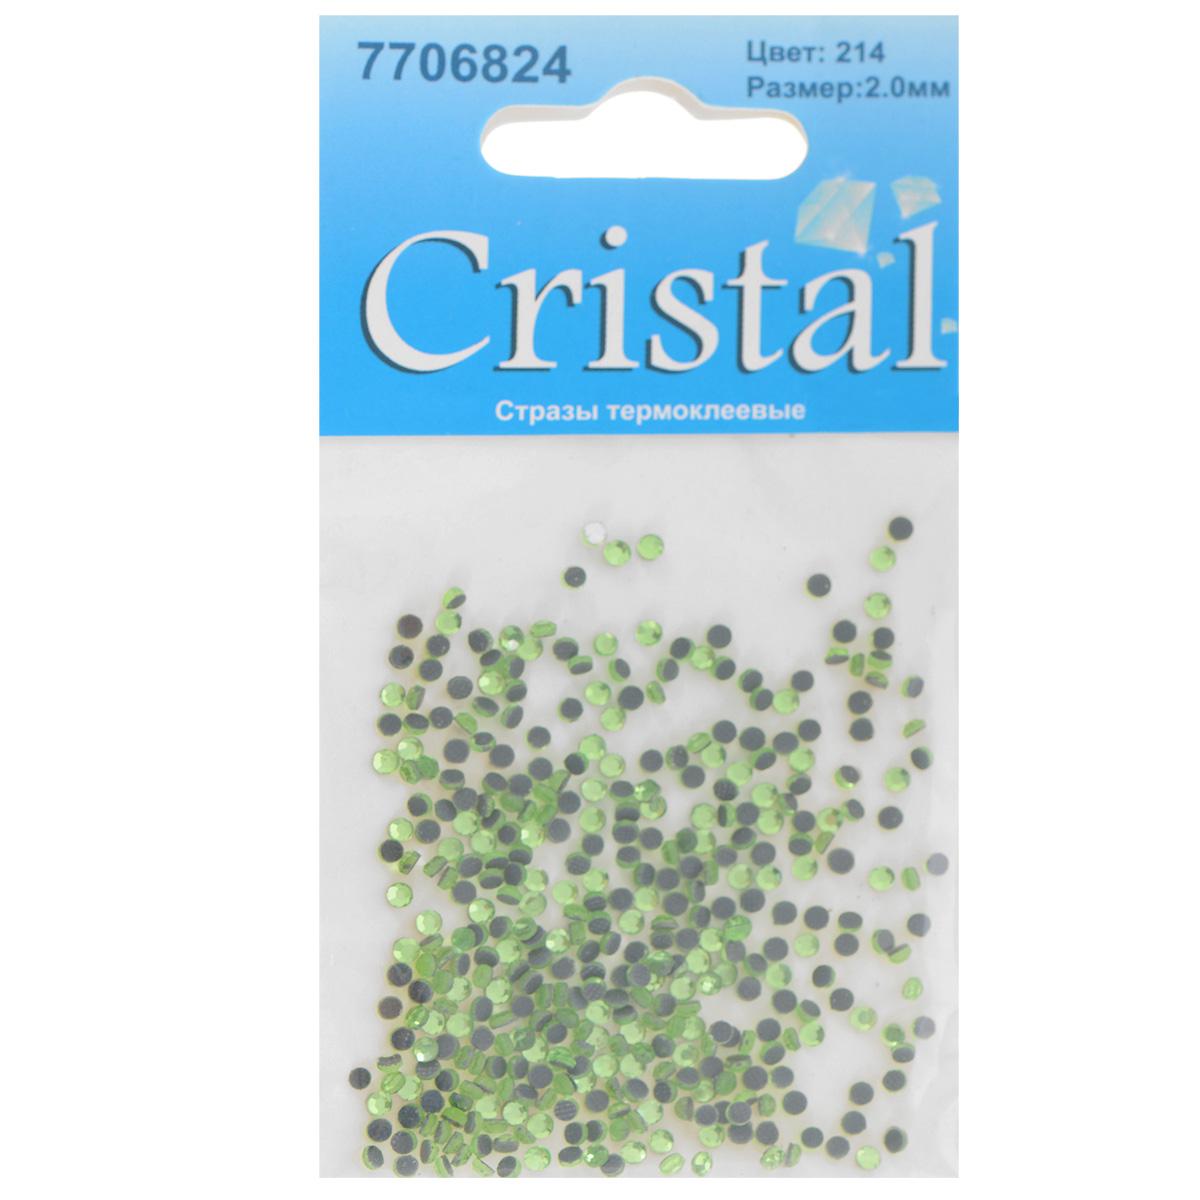 Стразы термоклеевые Cristal, цвет: светло-зеленый (214), диаметр 2 мм, 432 шт7706824_214Набор термоклеевых страз Cristal, изготовленный из высококачественного акрила, позволит вам украсить одежду, аксессуары или текстиль. Яркие стразы имеют плоское дно и круглую поверхность с гранями.Дно термоклеевых страз уже обработано особым клеем, который под воздействием высоких температур начинает плавиться, приклеиваясь, таким образом, к требуемой поверхности. Чаще всего их используют в текстильной промышленности: стразы прикладывают к ткани и проглаживают утюгом с обратной стороны. Также можно использовать специальный паяльник. Украшение стразами поможет сделать любую вещь оригинальной и неповторимой. Диаметр страз: 2 мм.